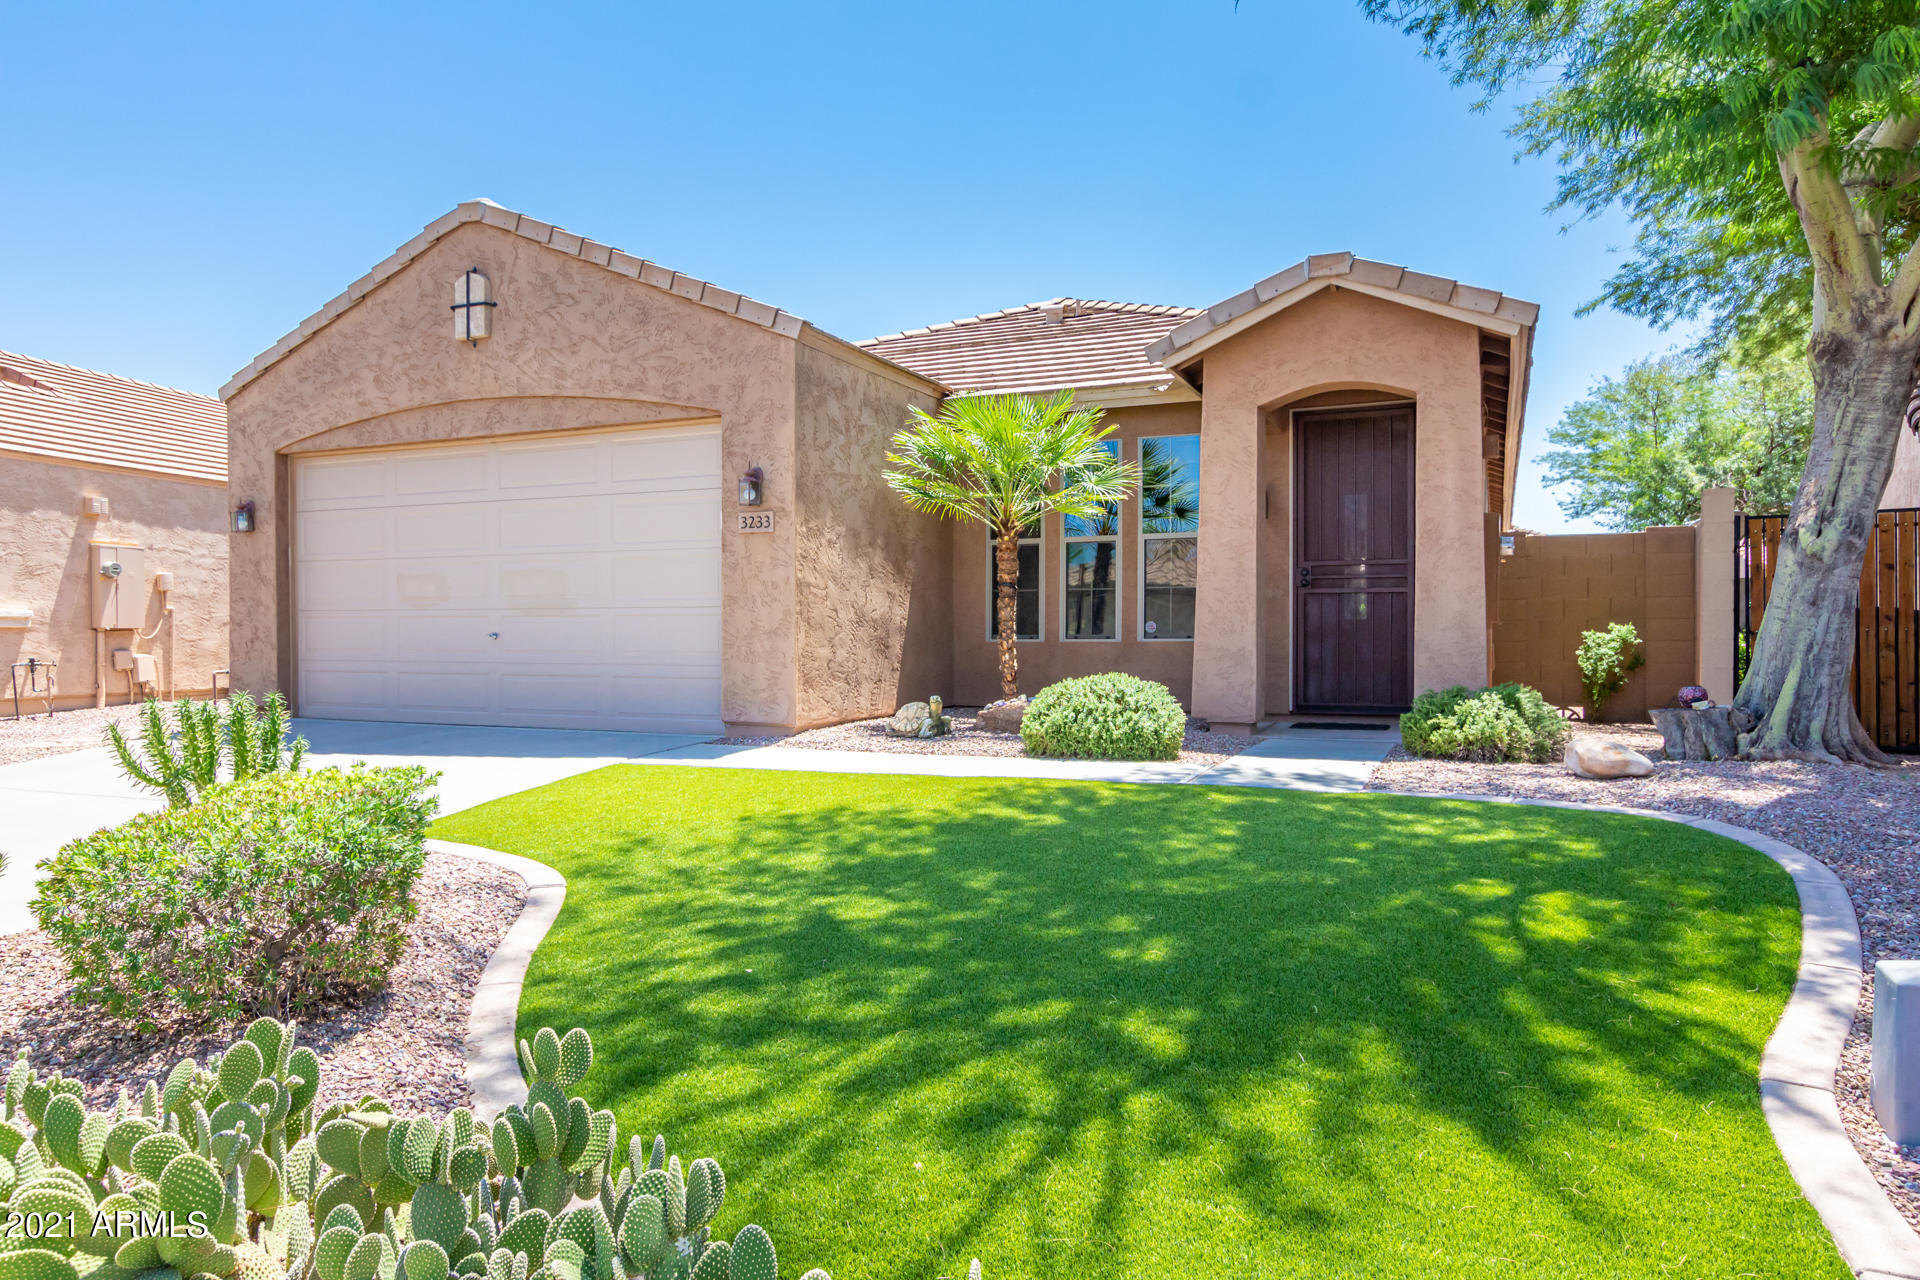 3233 DANCER Lane, Queen Creek, Arizona 85142, 3 Bedrooms Bedrooms, ,2 BathroomsBathrooms,Residential,For Sale,DANCER,6274341